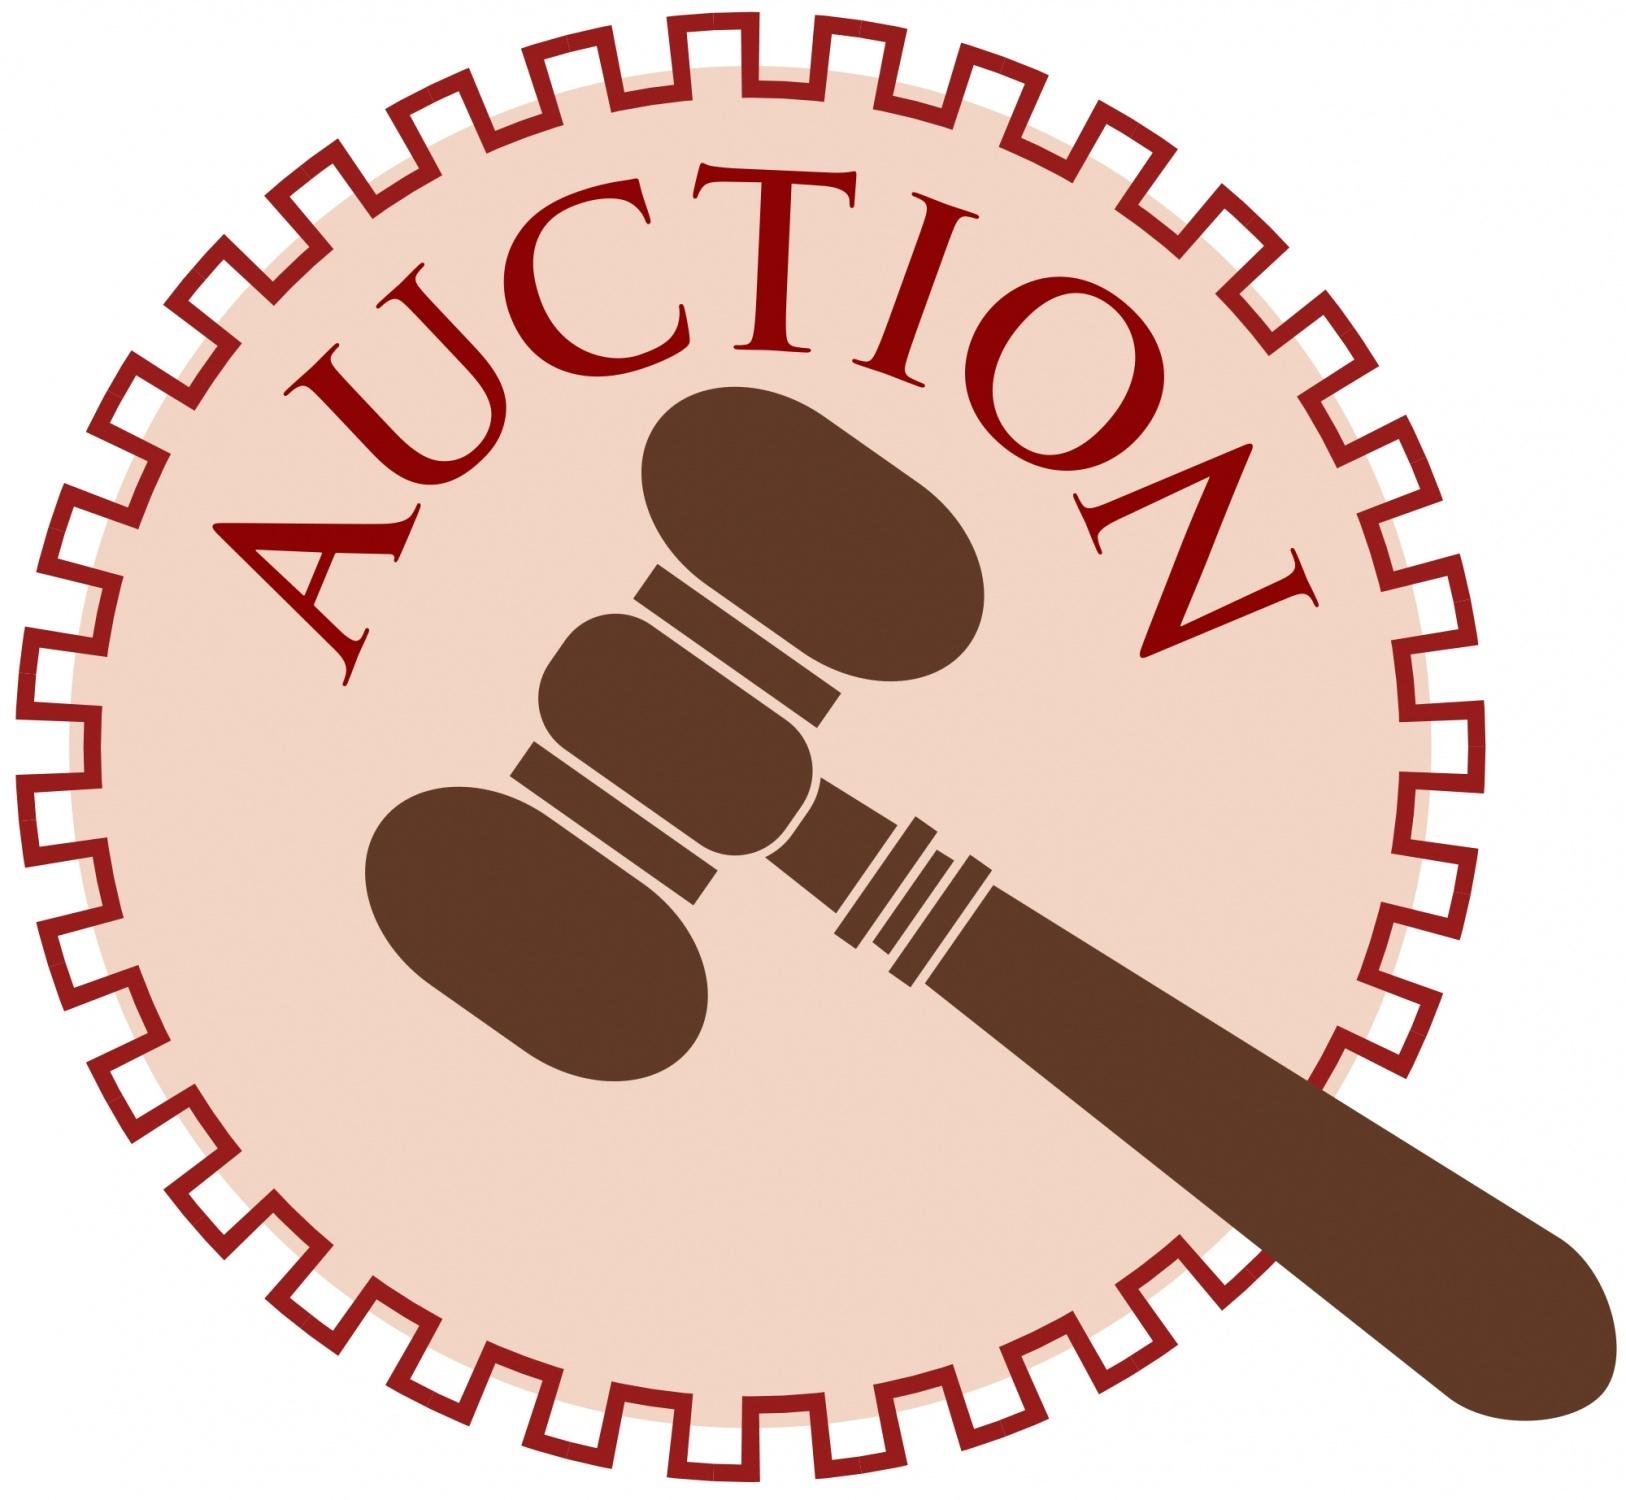 Auction Clipart